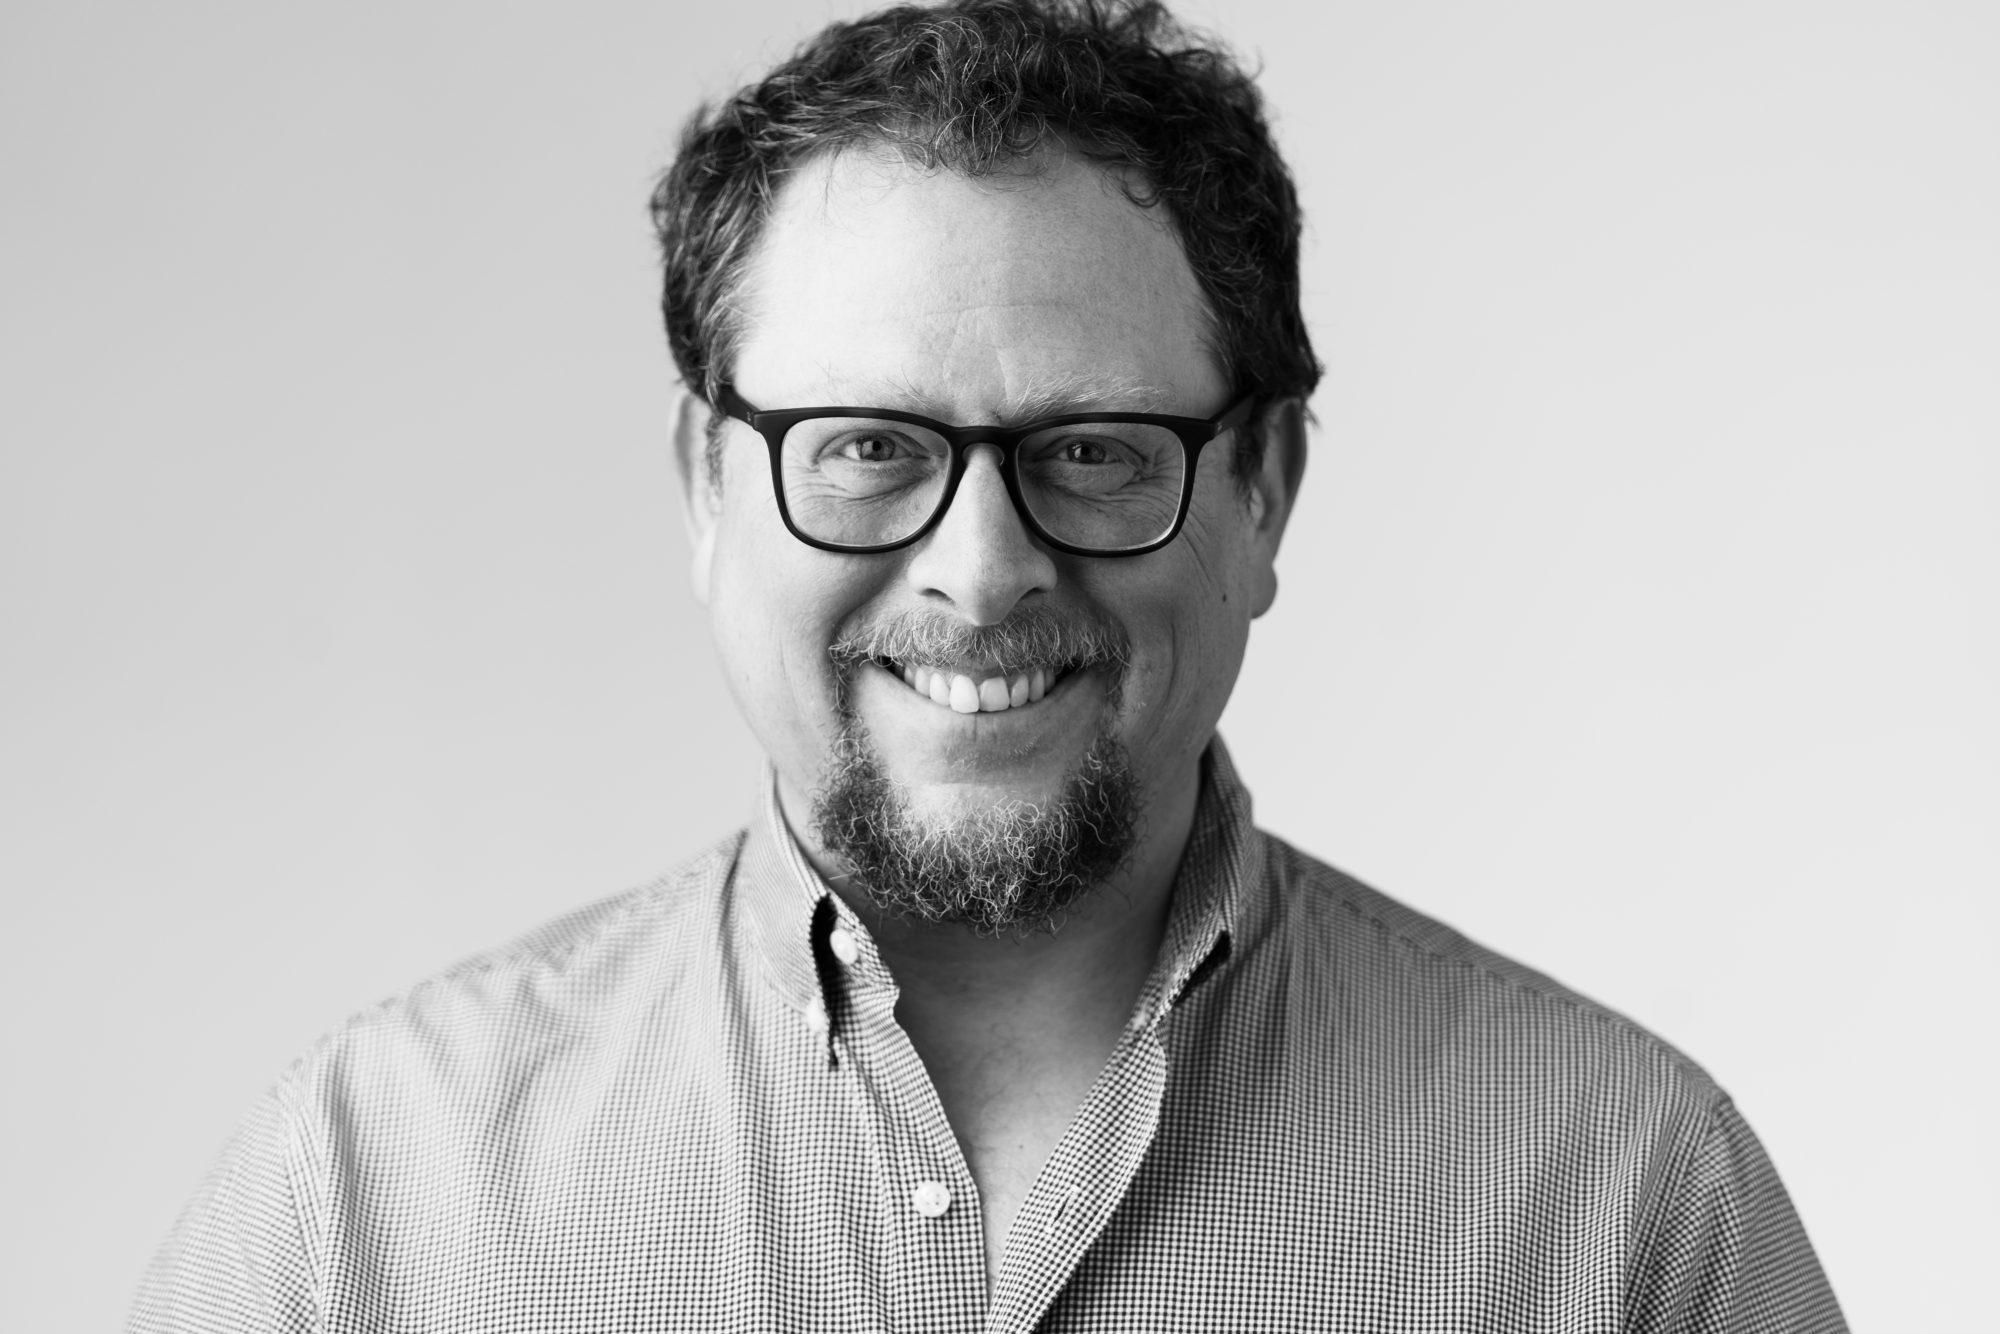 Charlie Buckholtz